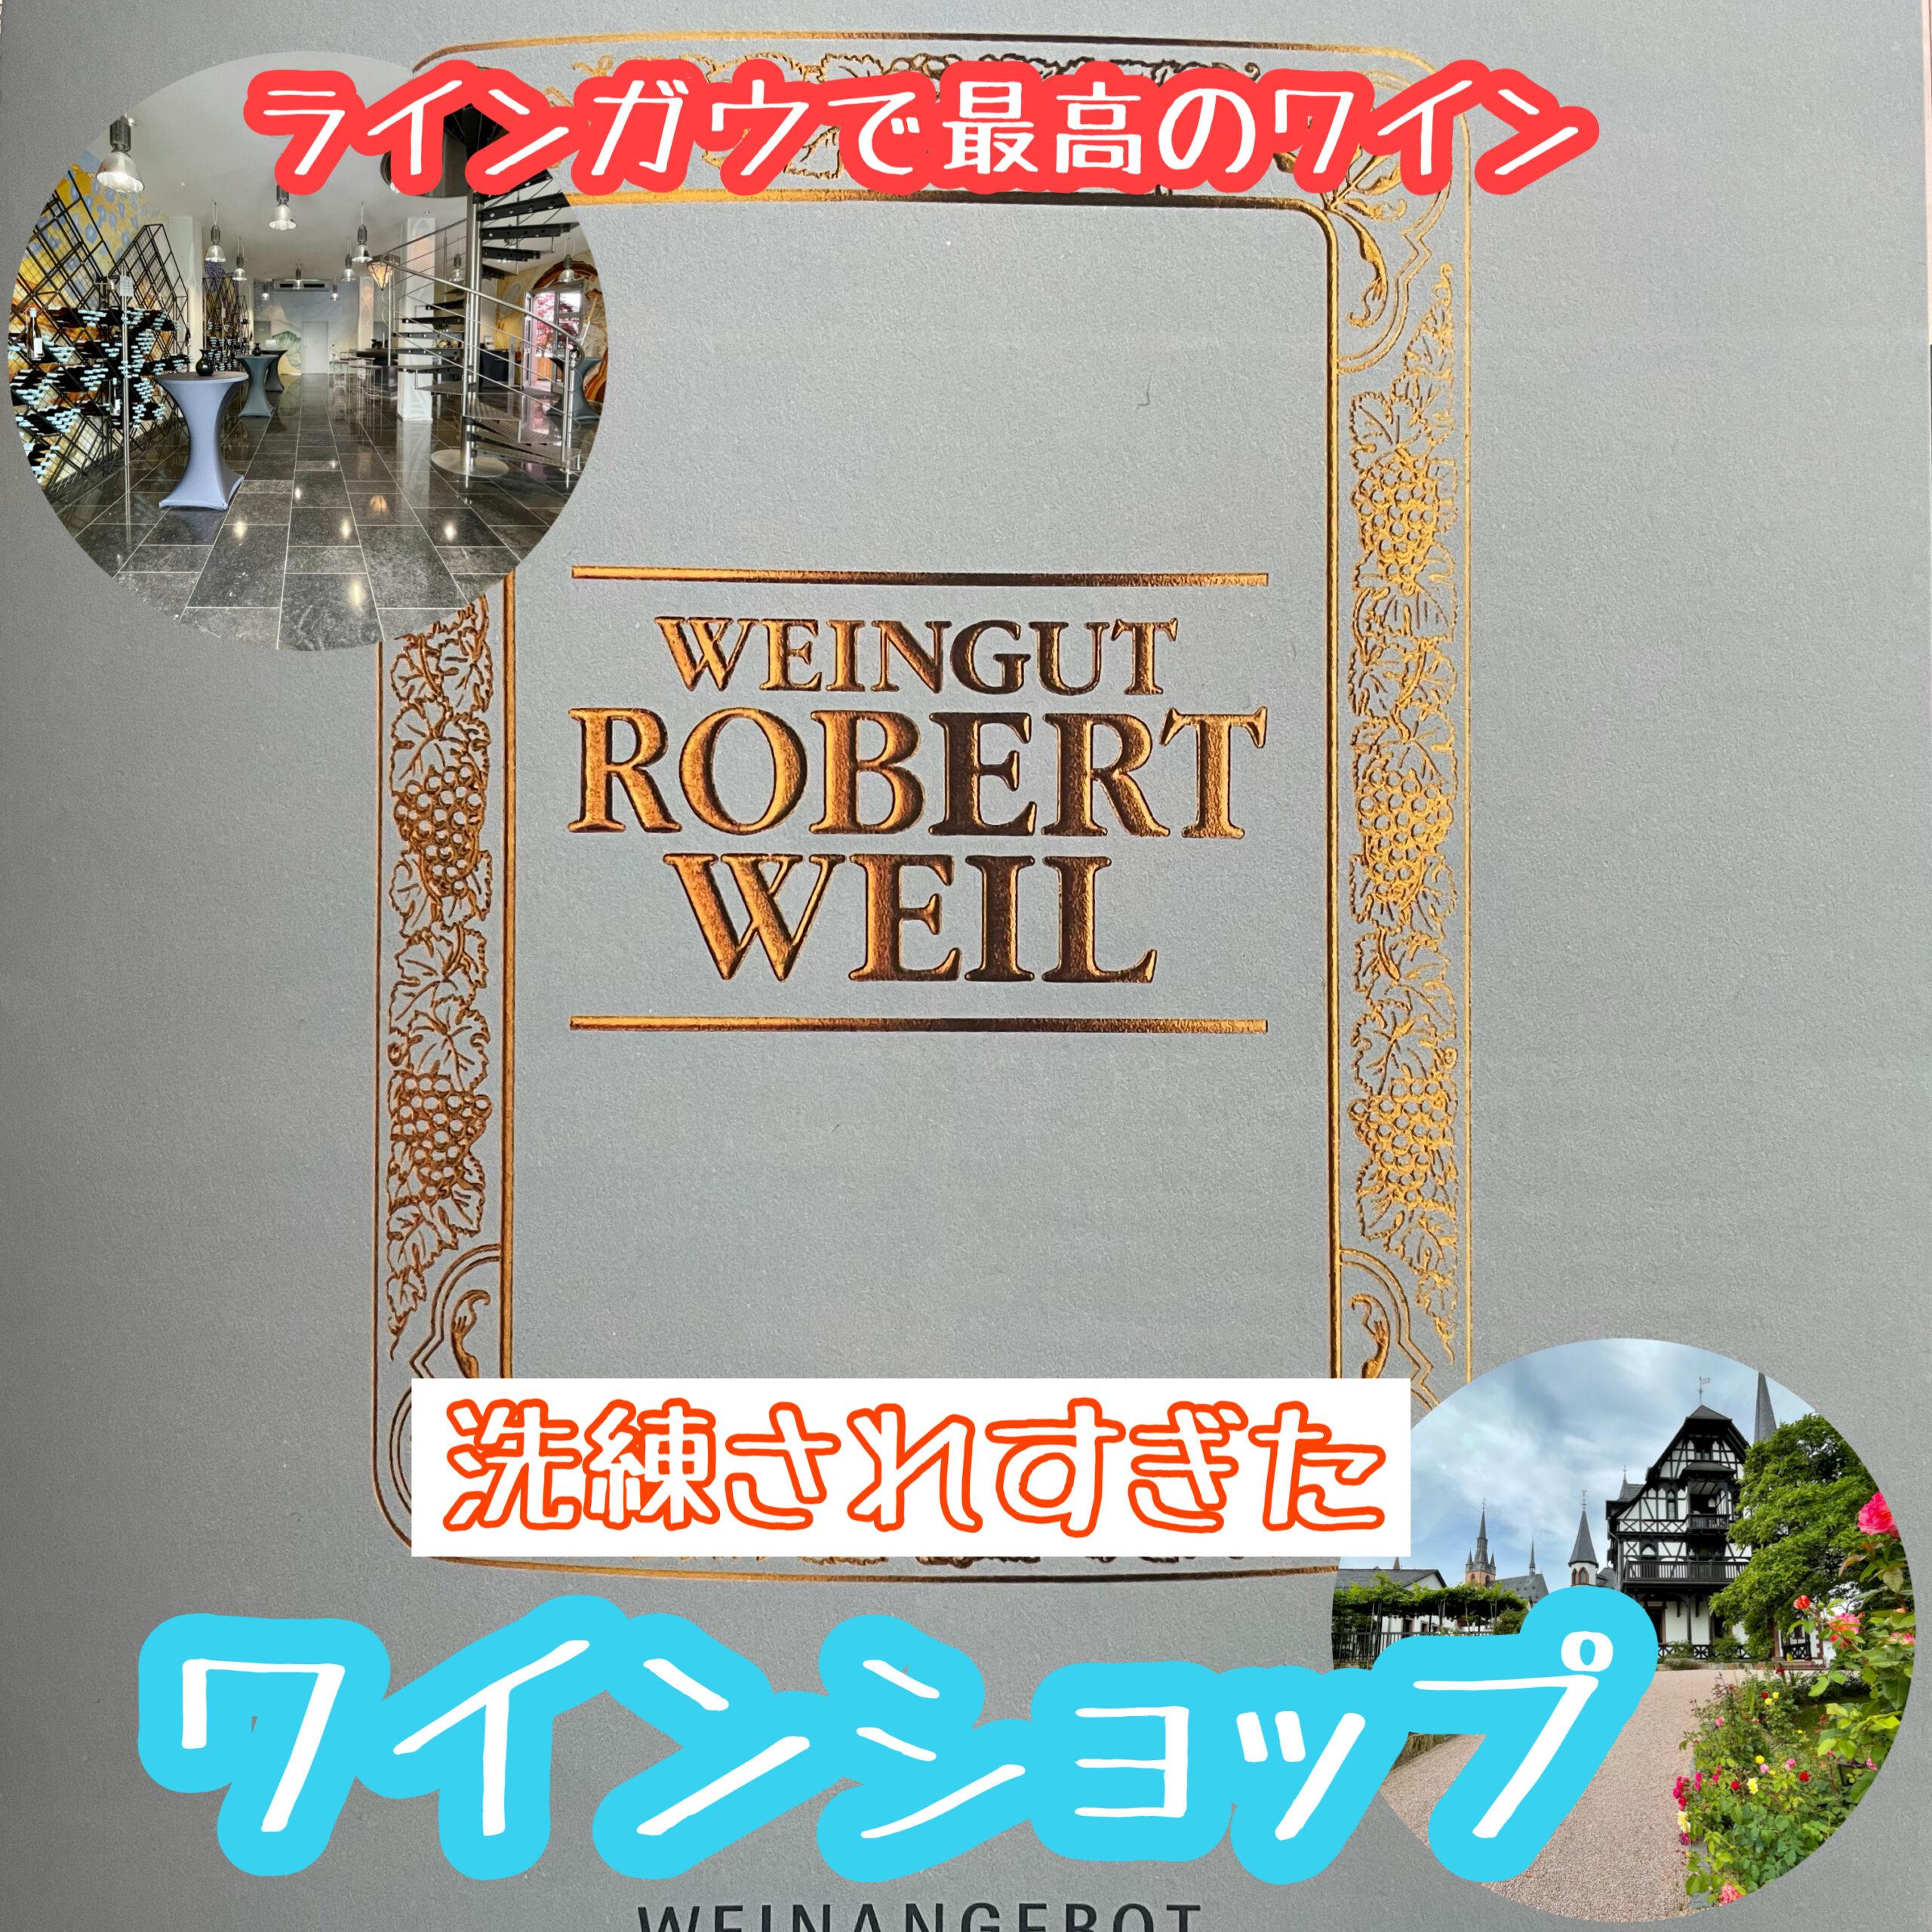 【ドイツ・ラインガウのワイン】美術館のようなワインショップ Weingut Robert Weil ロバートヴァイルとは